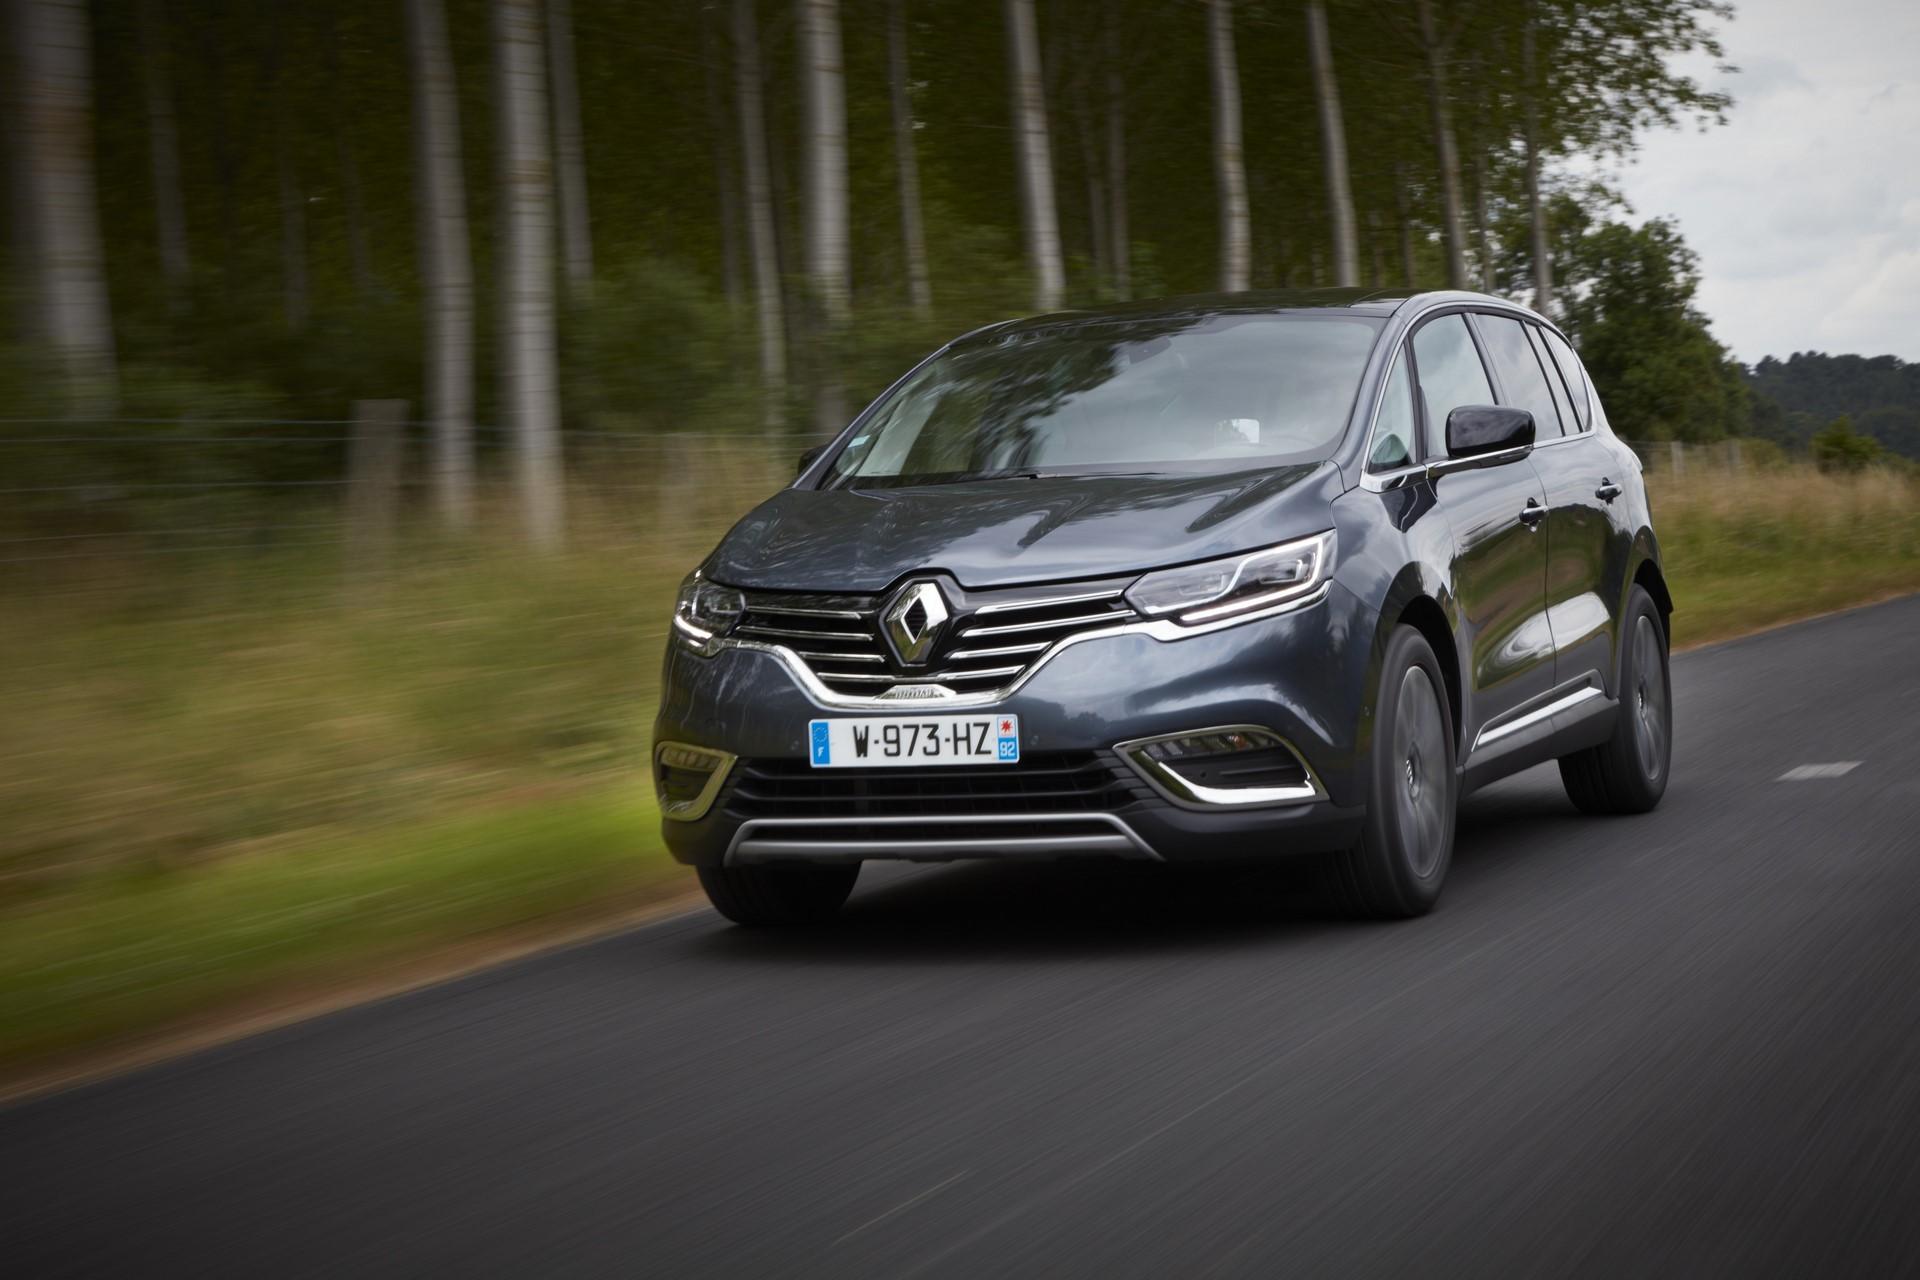 Renault_93213_global_en